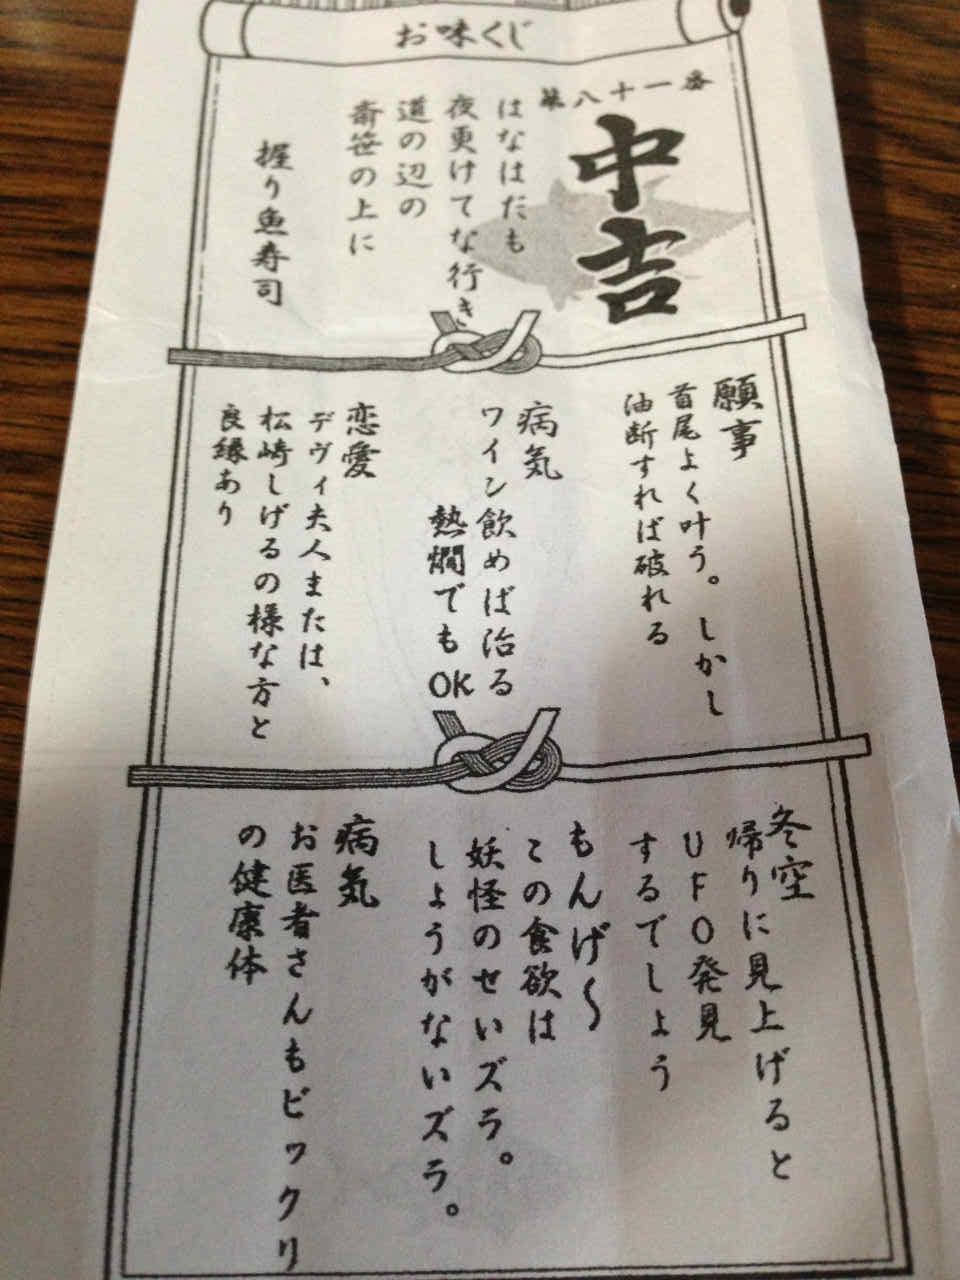 ユーモアのある『魚寿司 離』のおみくじ